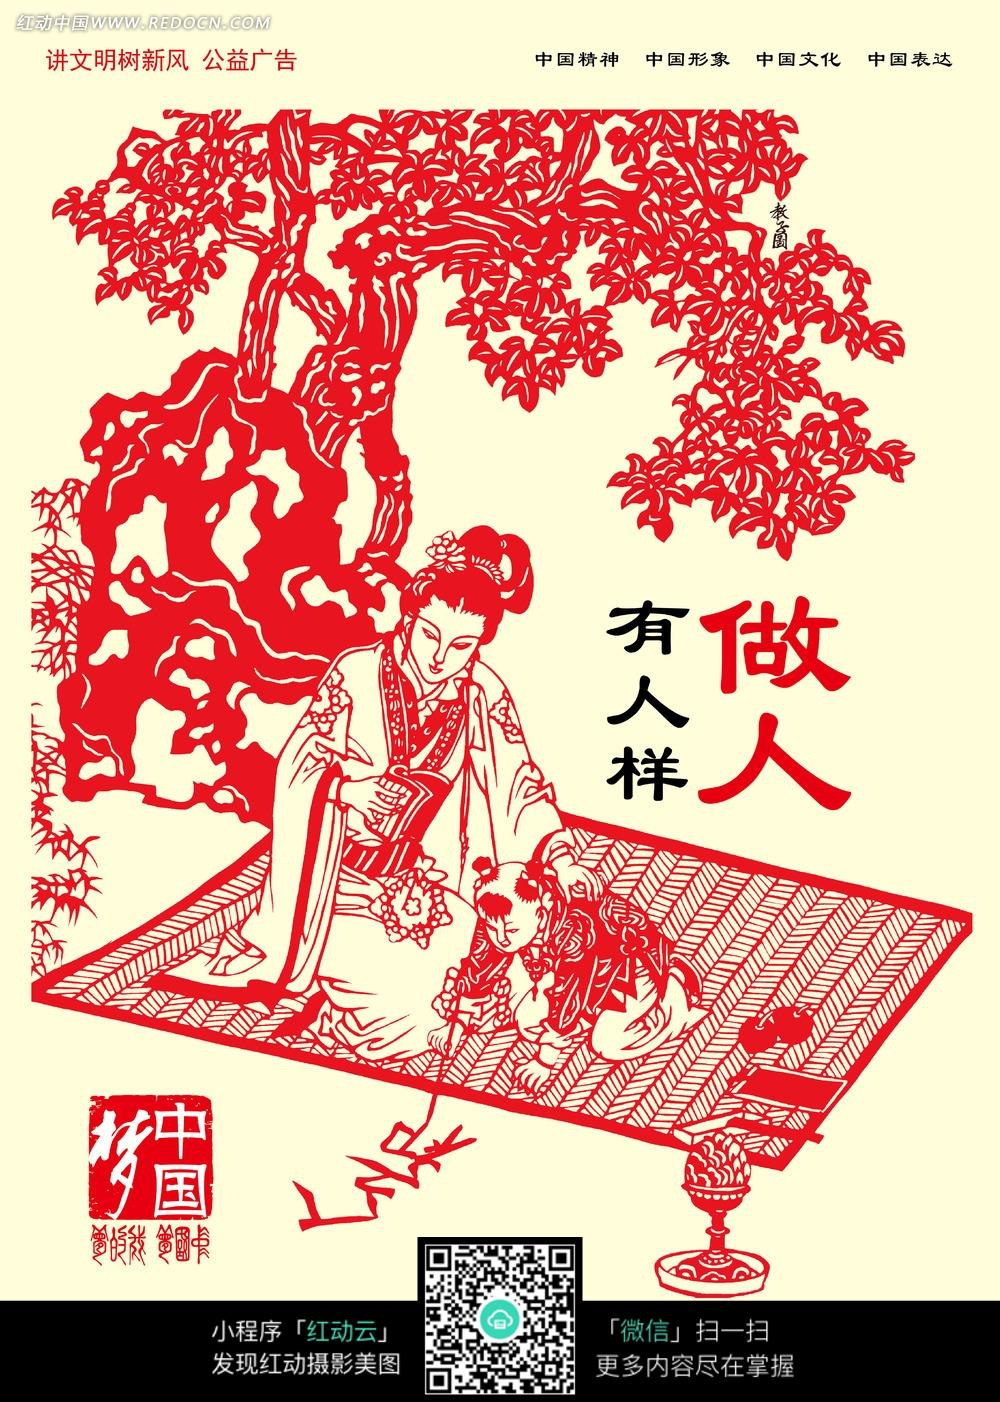 中国梦系列之做人